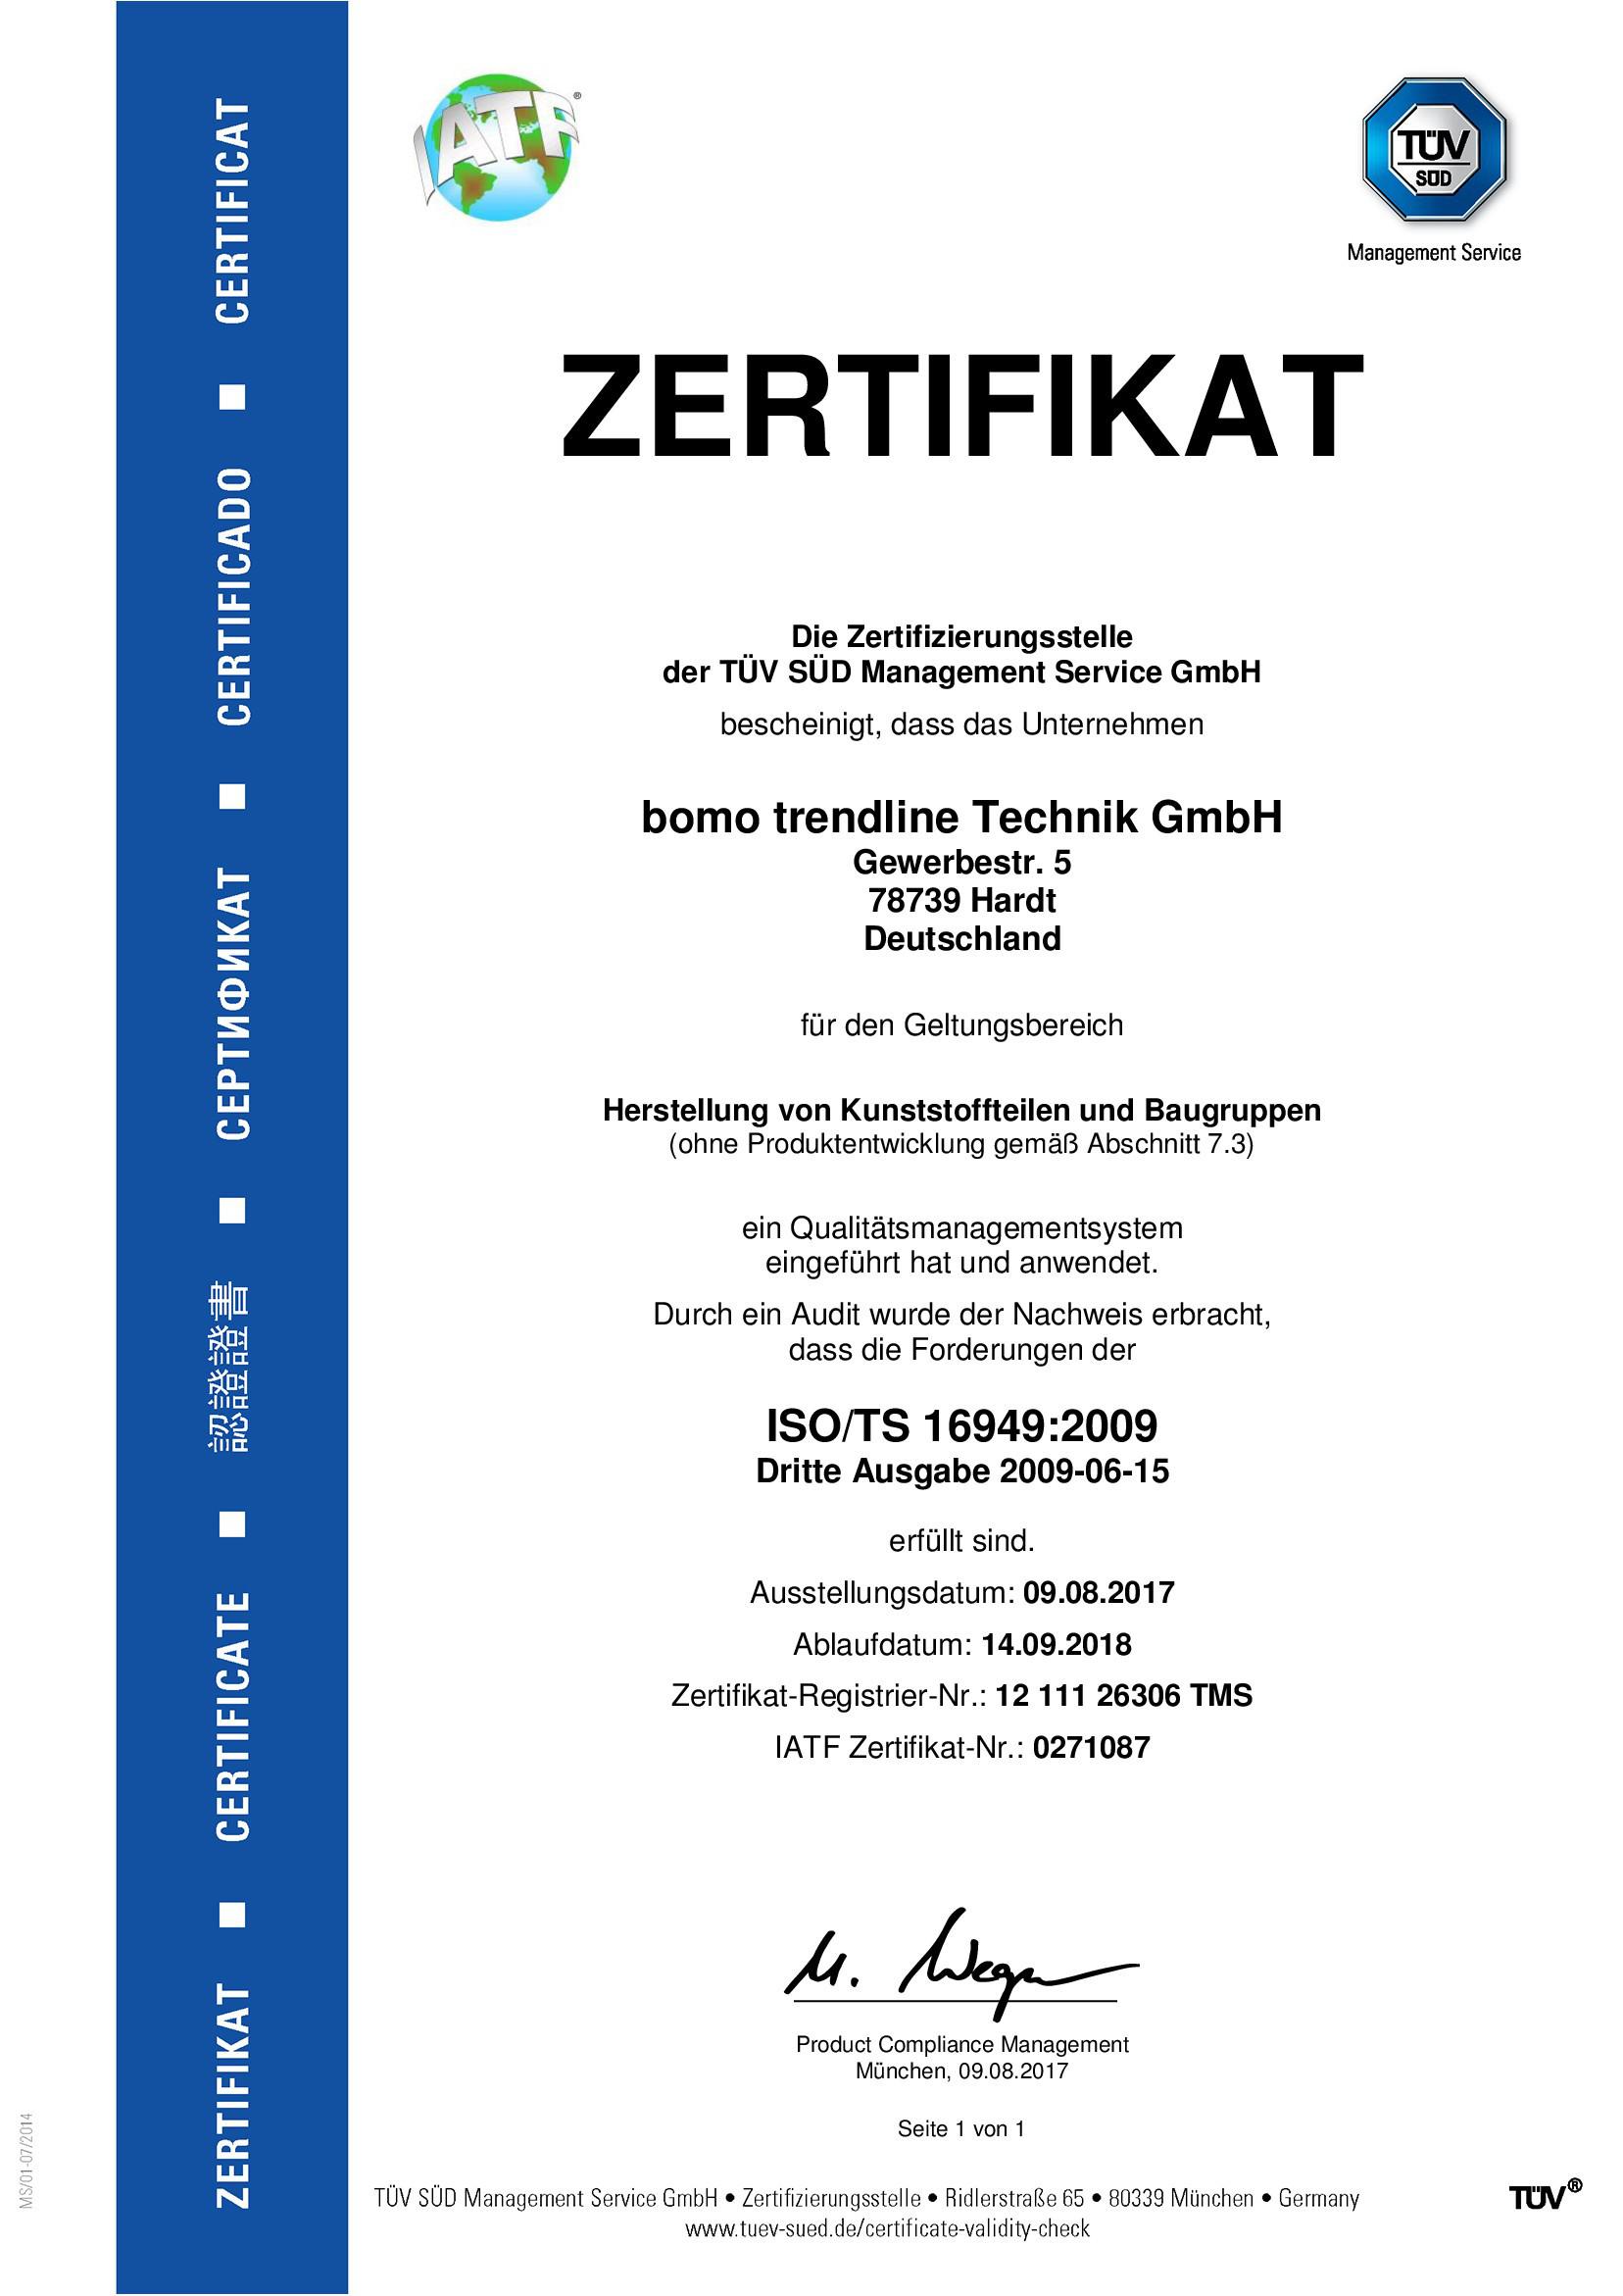 zertifiziert nach ISO/TS 16949:2009